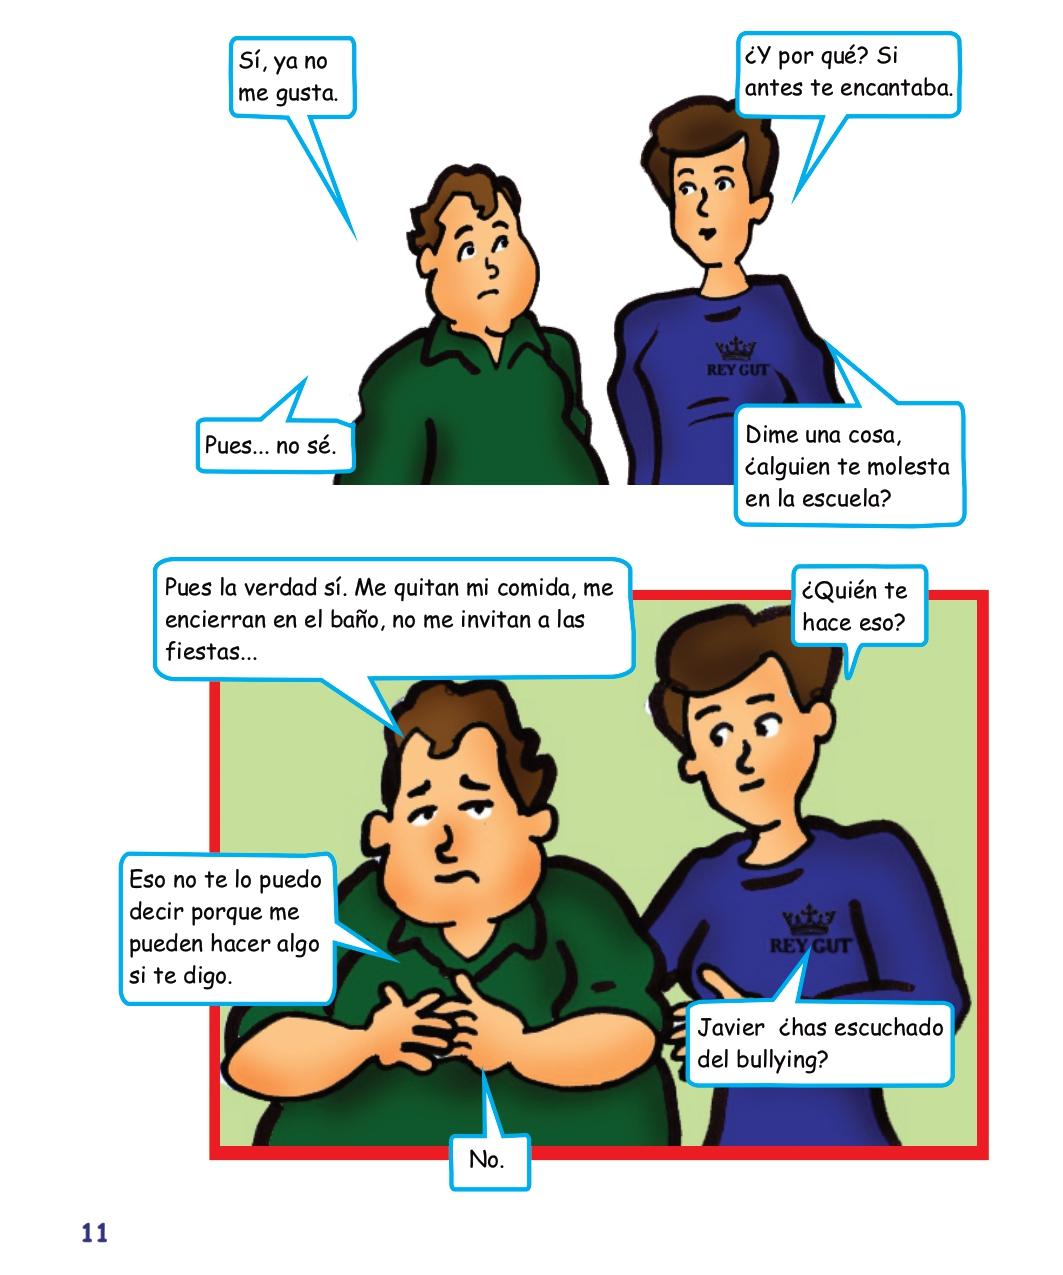 Psicología adolescentes Reyhan cap3 digital_page-0014